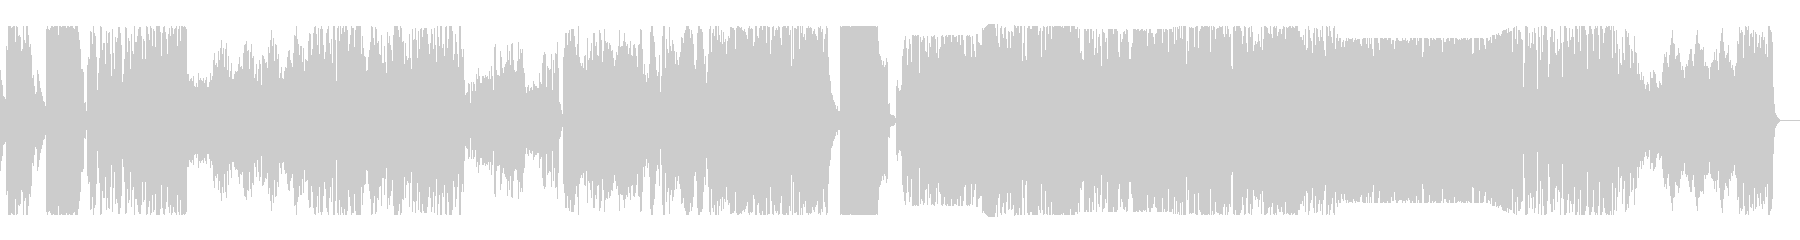 厳格で荘重なシンフォニックロックの未再生の波形